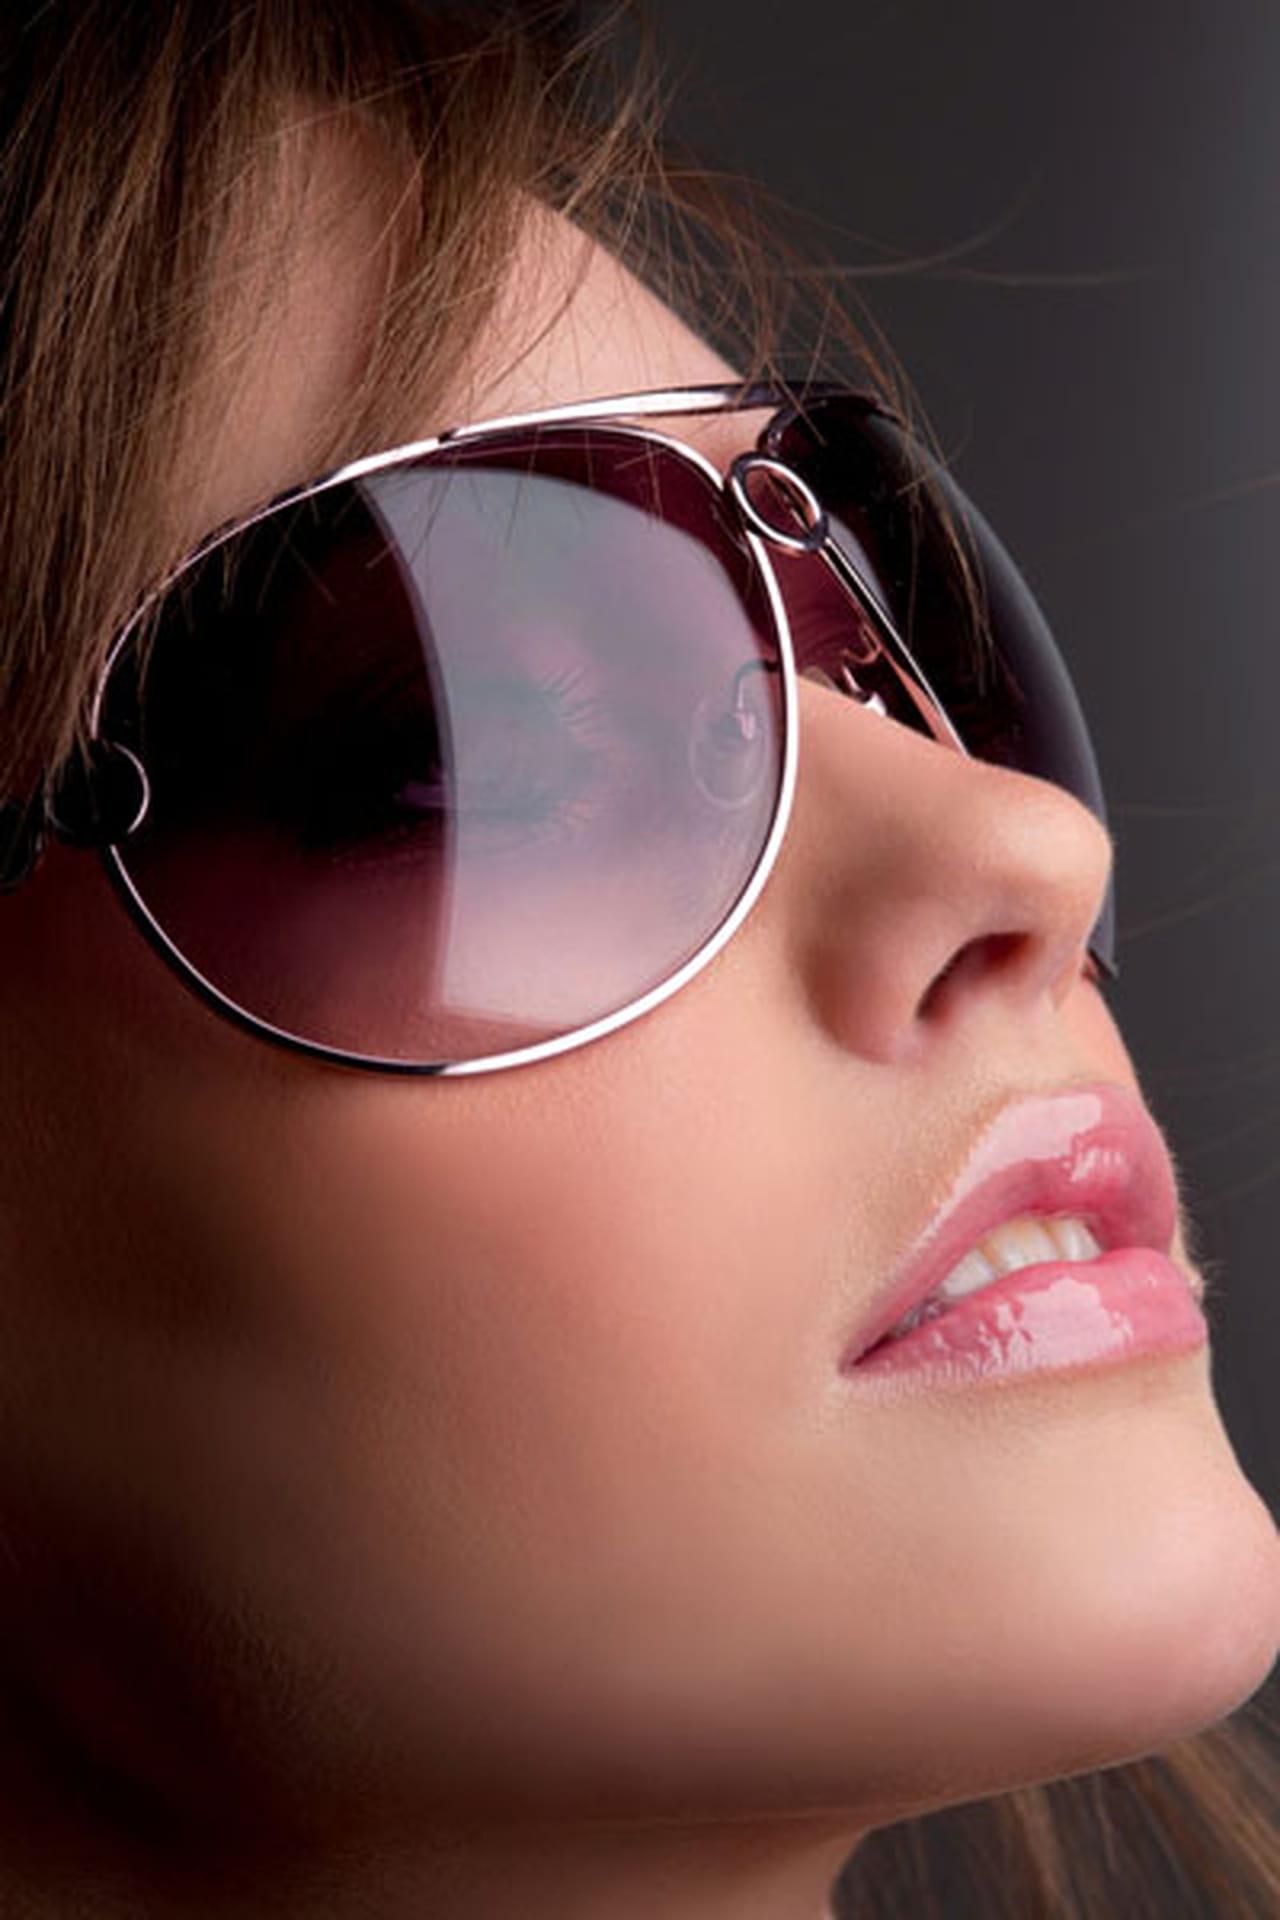 5a8f44e27 نصائح ذهبية لنظارات شمسية تليق بك وبلون بشرتك